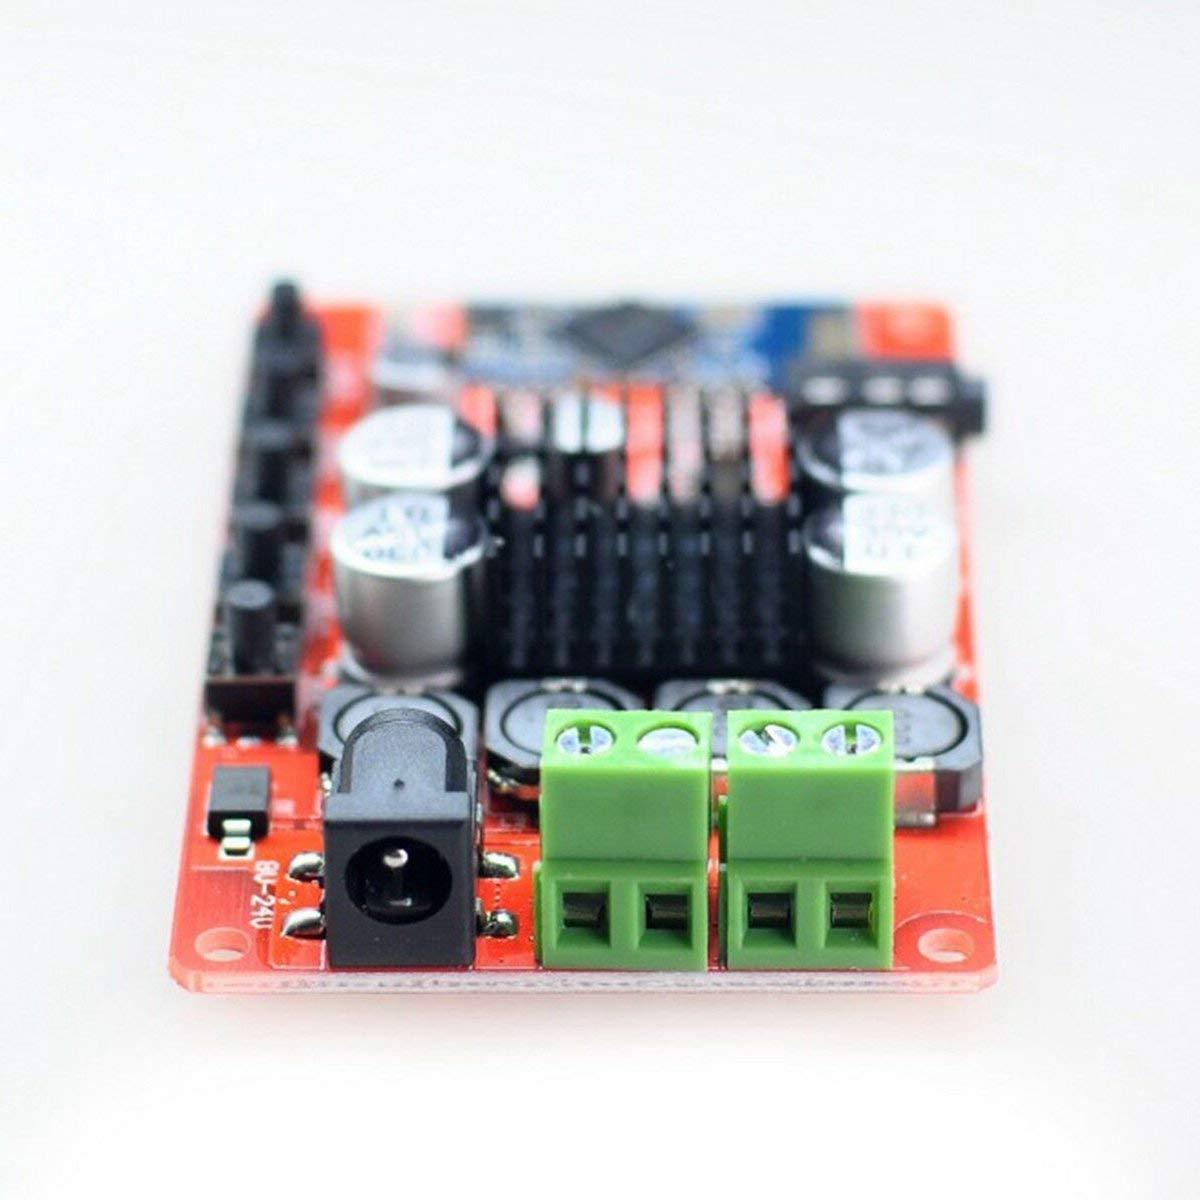 50 W Rosso e trasparente 50 W TDA7492P Modulo scheda amplificatore digitale audio wireless 4.0 professionale di piccole dimensioni con kit custodia